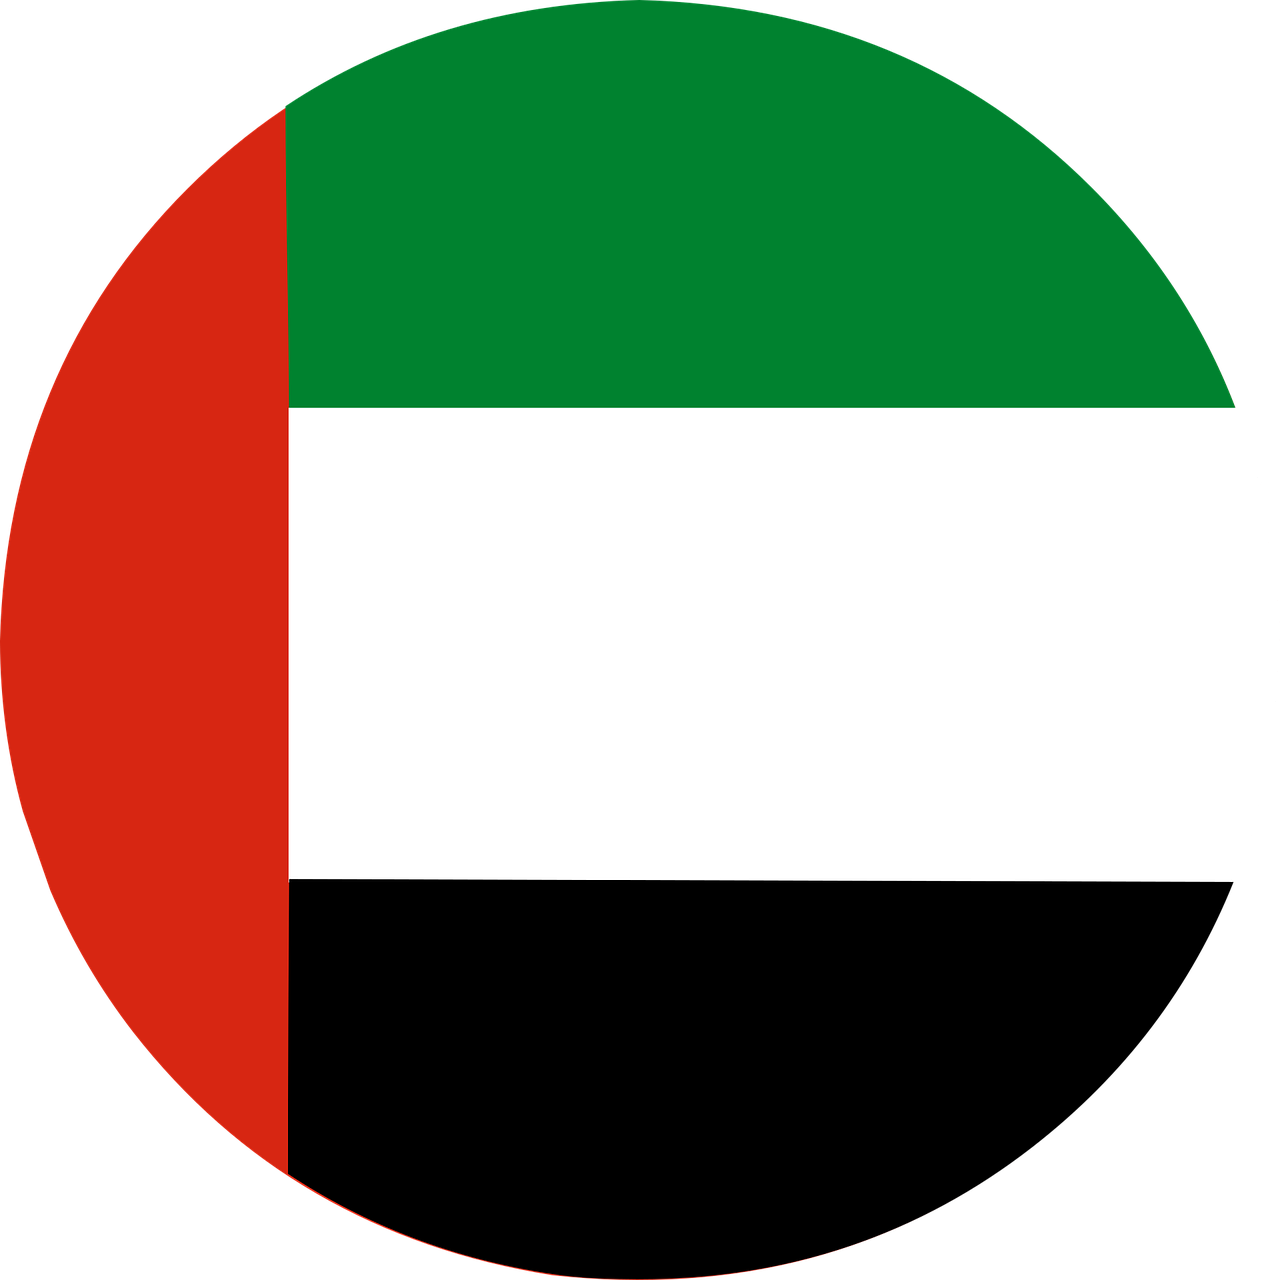 קוד לבוש -דגל איחוד האמירויות